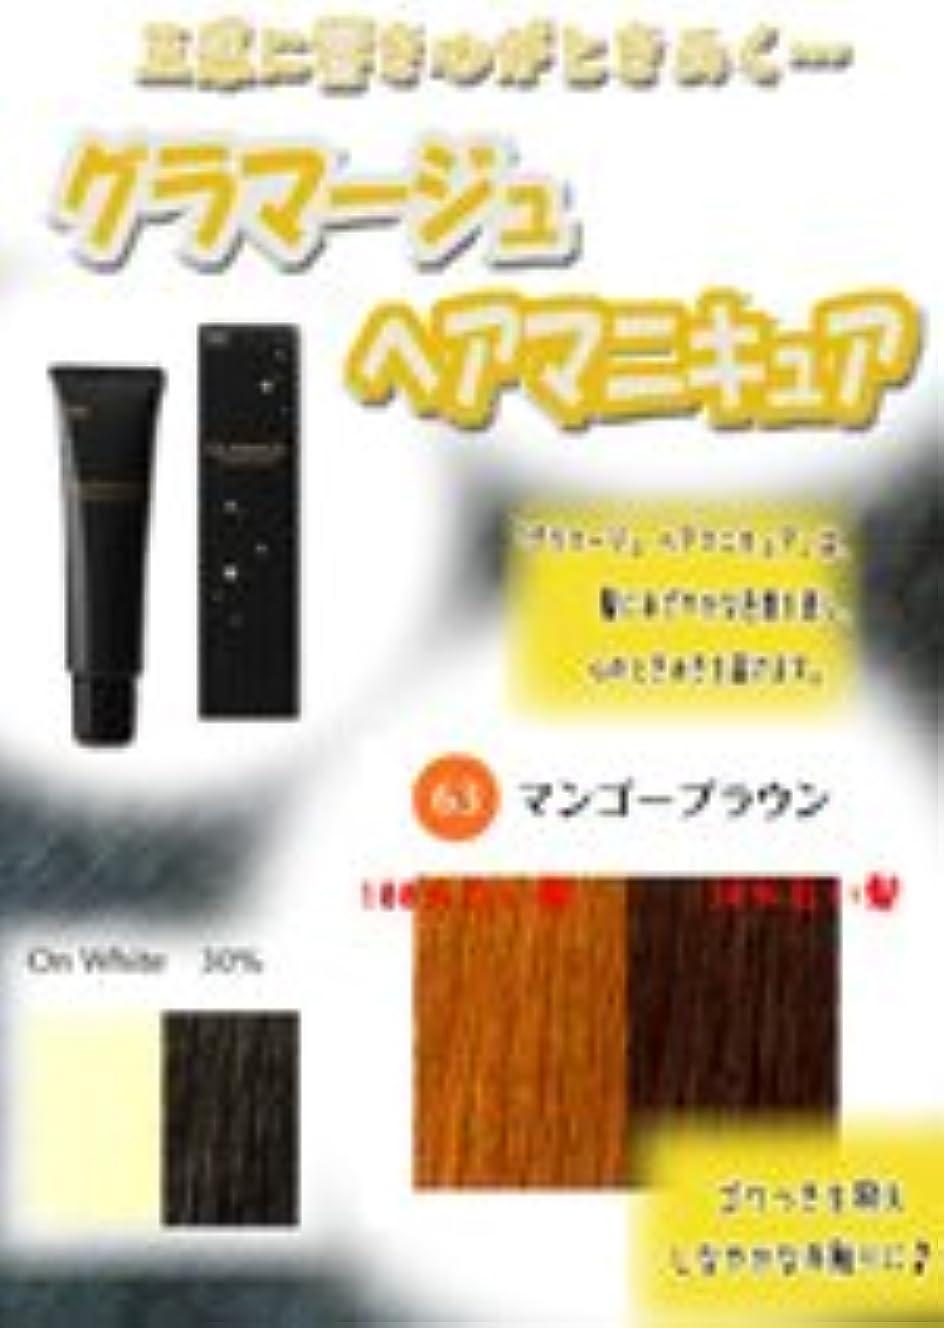 促進する染色所属HOYU ホーユー グラマージュ ヘアマニキュア 63マンゴーブラウン 150g 【ブラウン系】